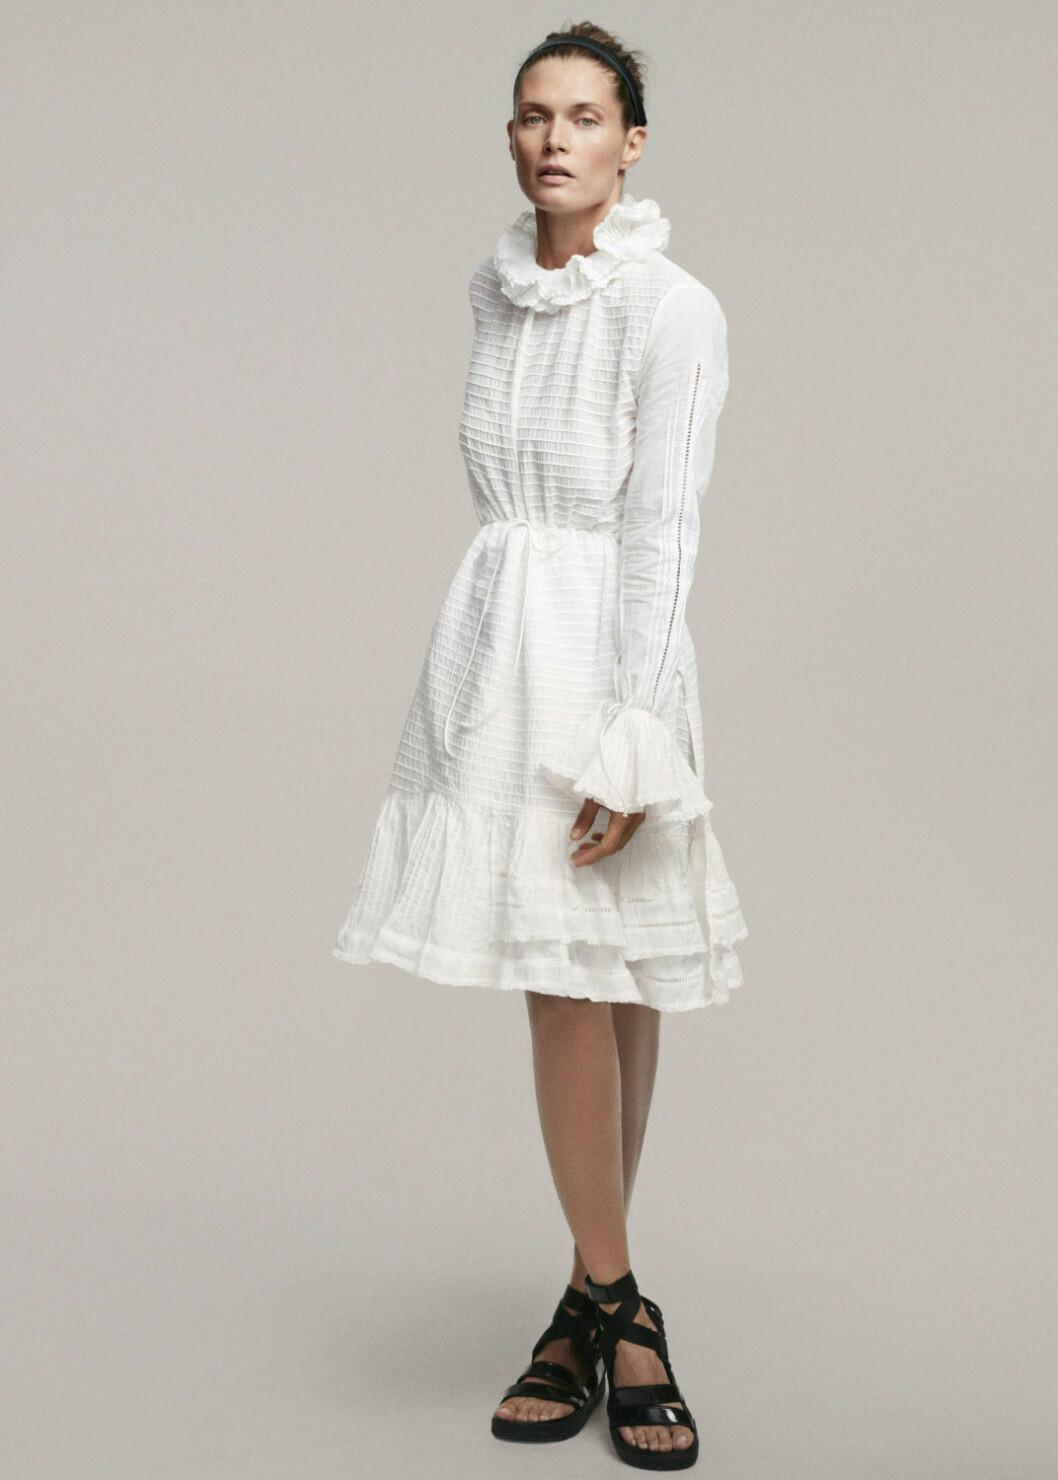 H&M lanserar konceptet See now buy now inför våren 2017.